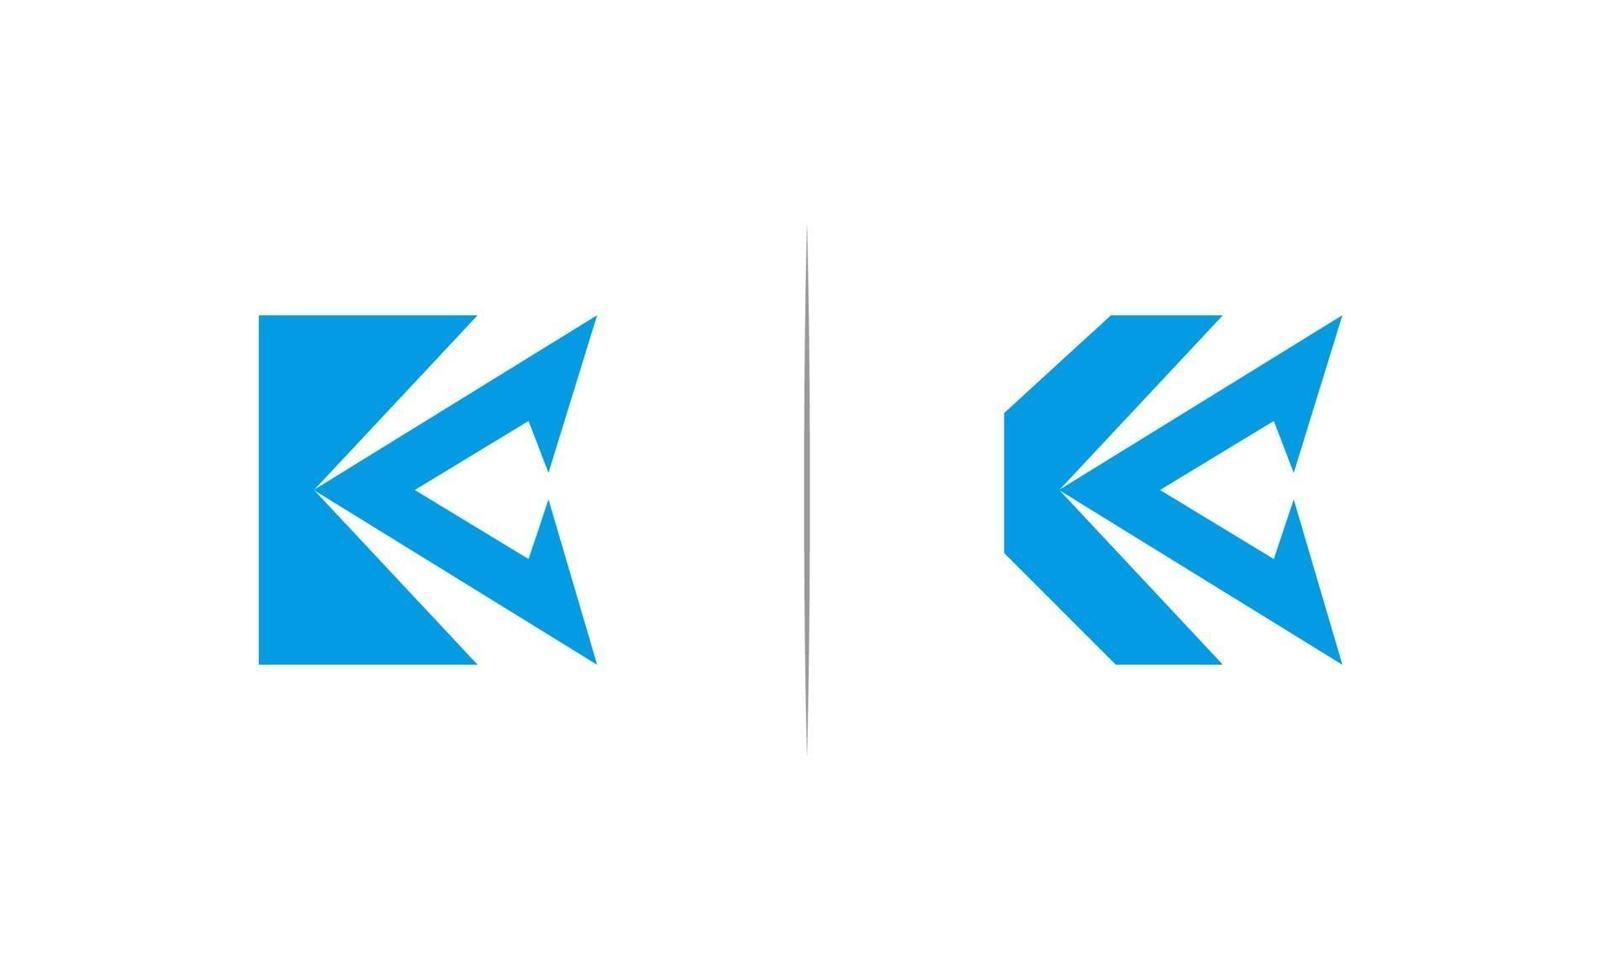 eerste k logo ontwerpsjabloon vector